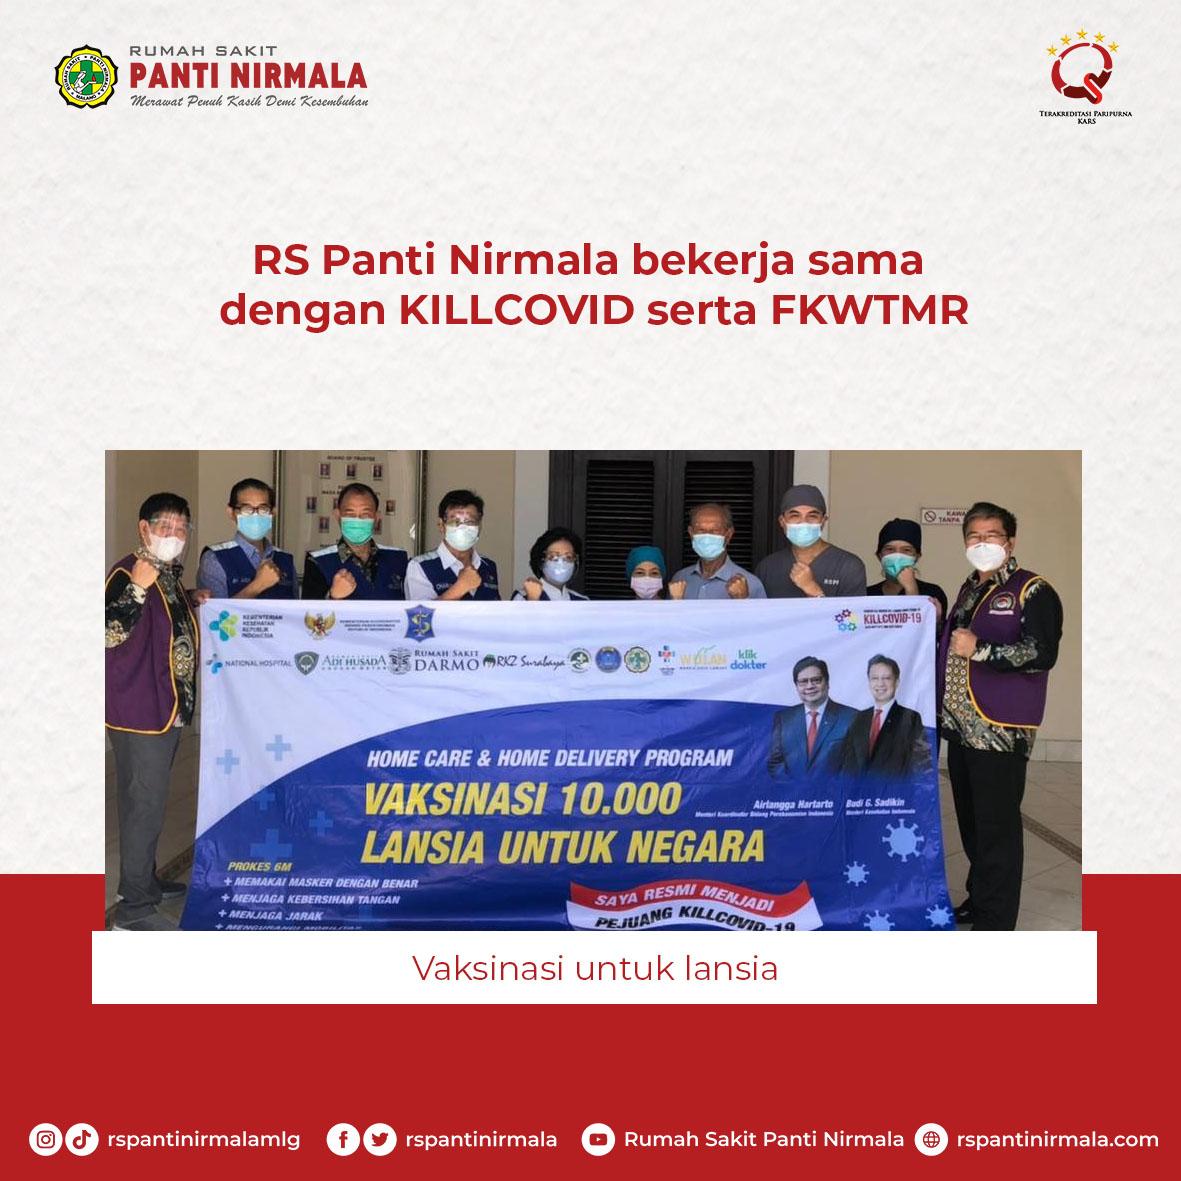 rs-panti-nirmala-bekerjasama-dengan-killcovid-serta-fkwtmr-mangadakan-vaksinasi-untuk-lansia-91